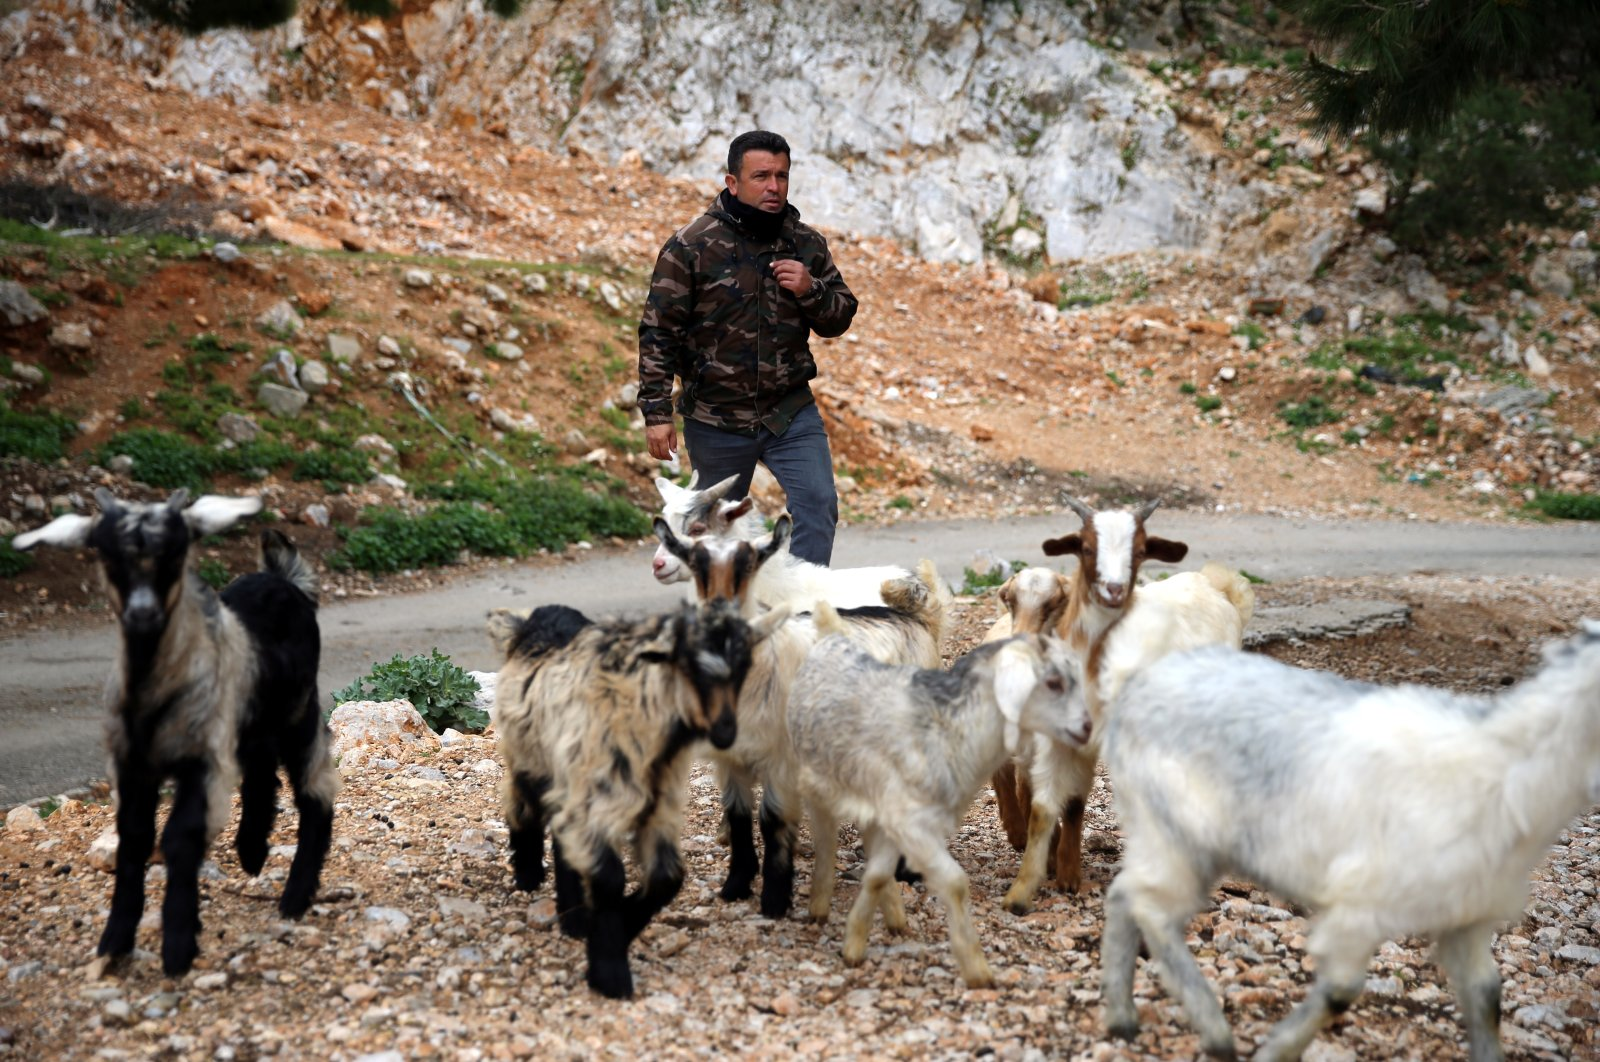 Shepherd Cemil Çoban herds his goats in Bodrum,Muğla province, western Turkey, March 28, 2021. (AA Photo)